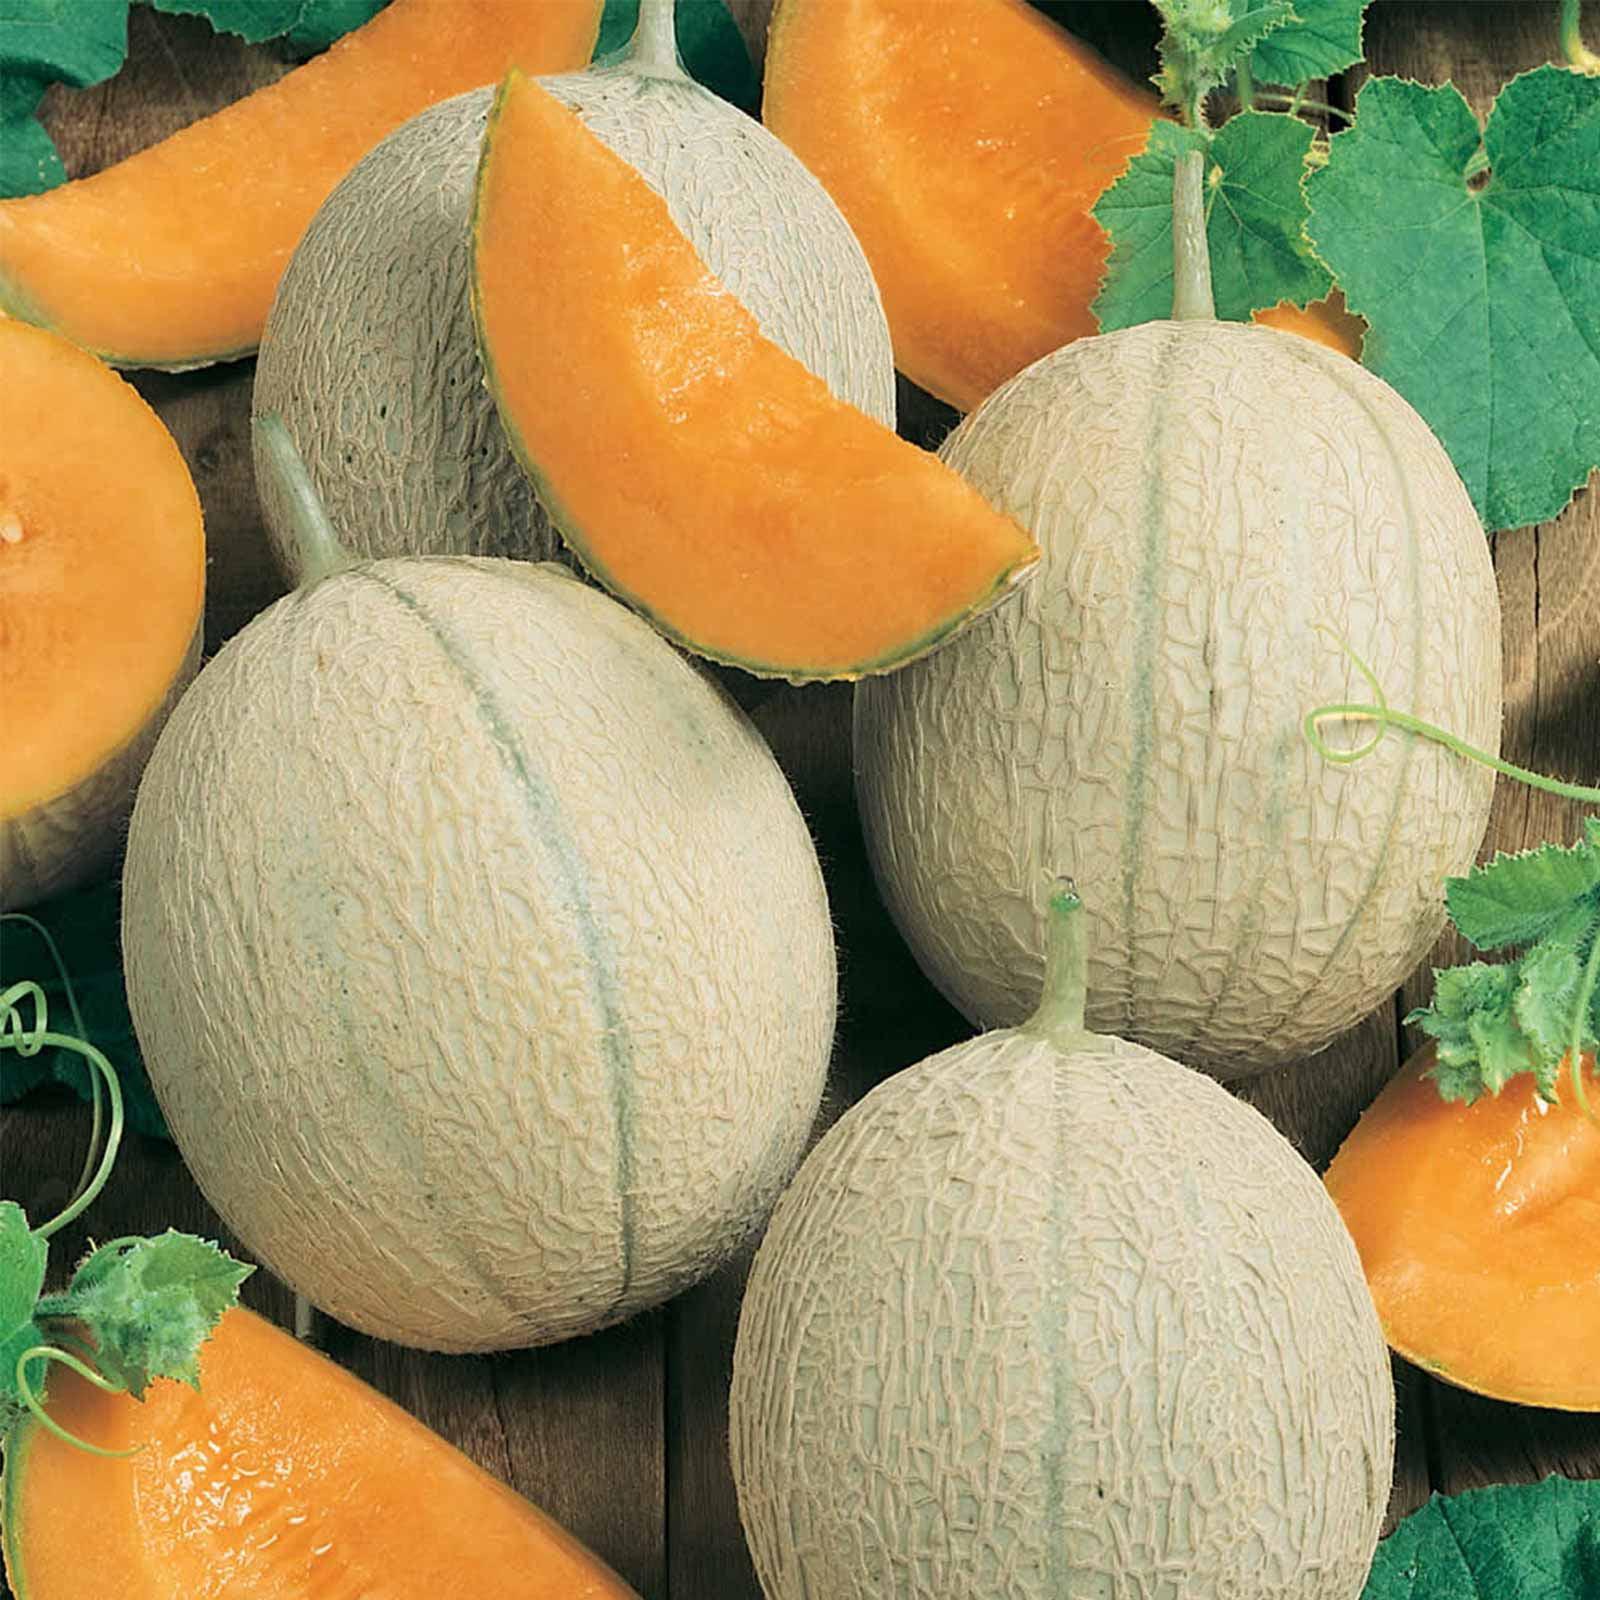 Cantaloupe Melon Garden Seeds - Hearts of Gold - 5 Lb Bulk - Non-GMO, Heirloom, Vegetable Gardening Seeds - Fruit